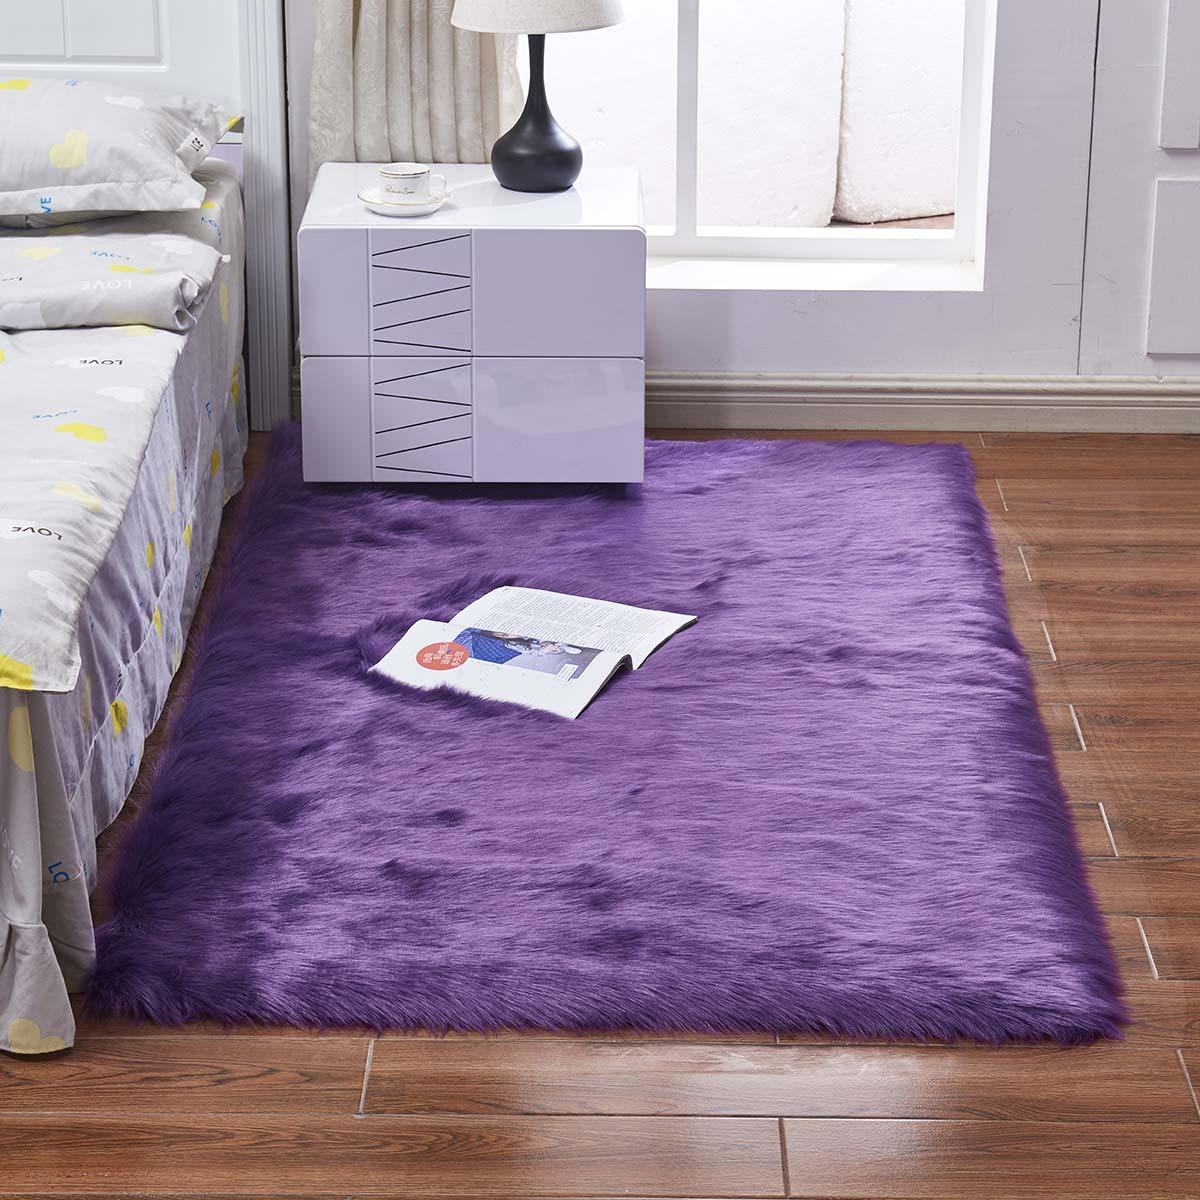 Artificial Wool Home Bedroom Fluffy Area Rug Floor Mat